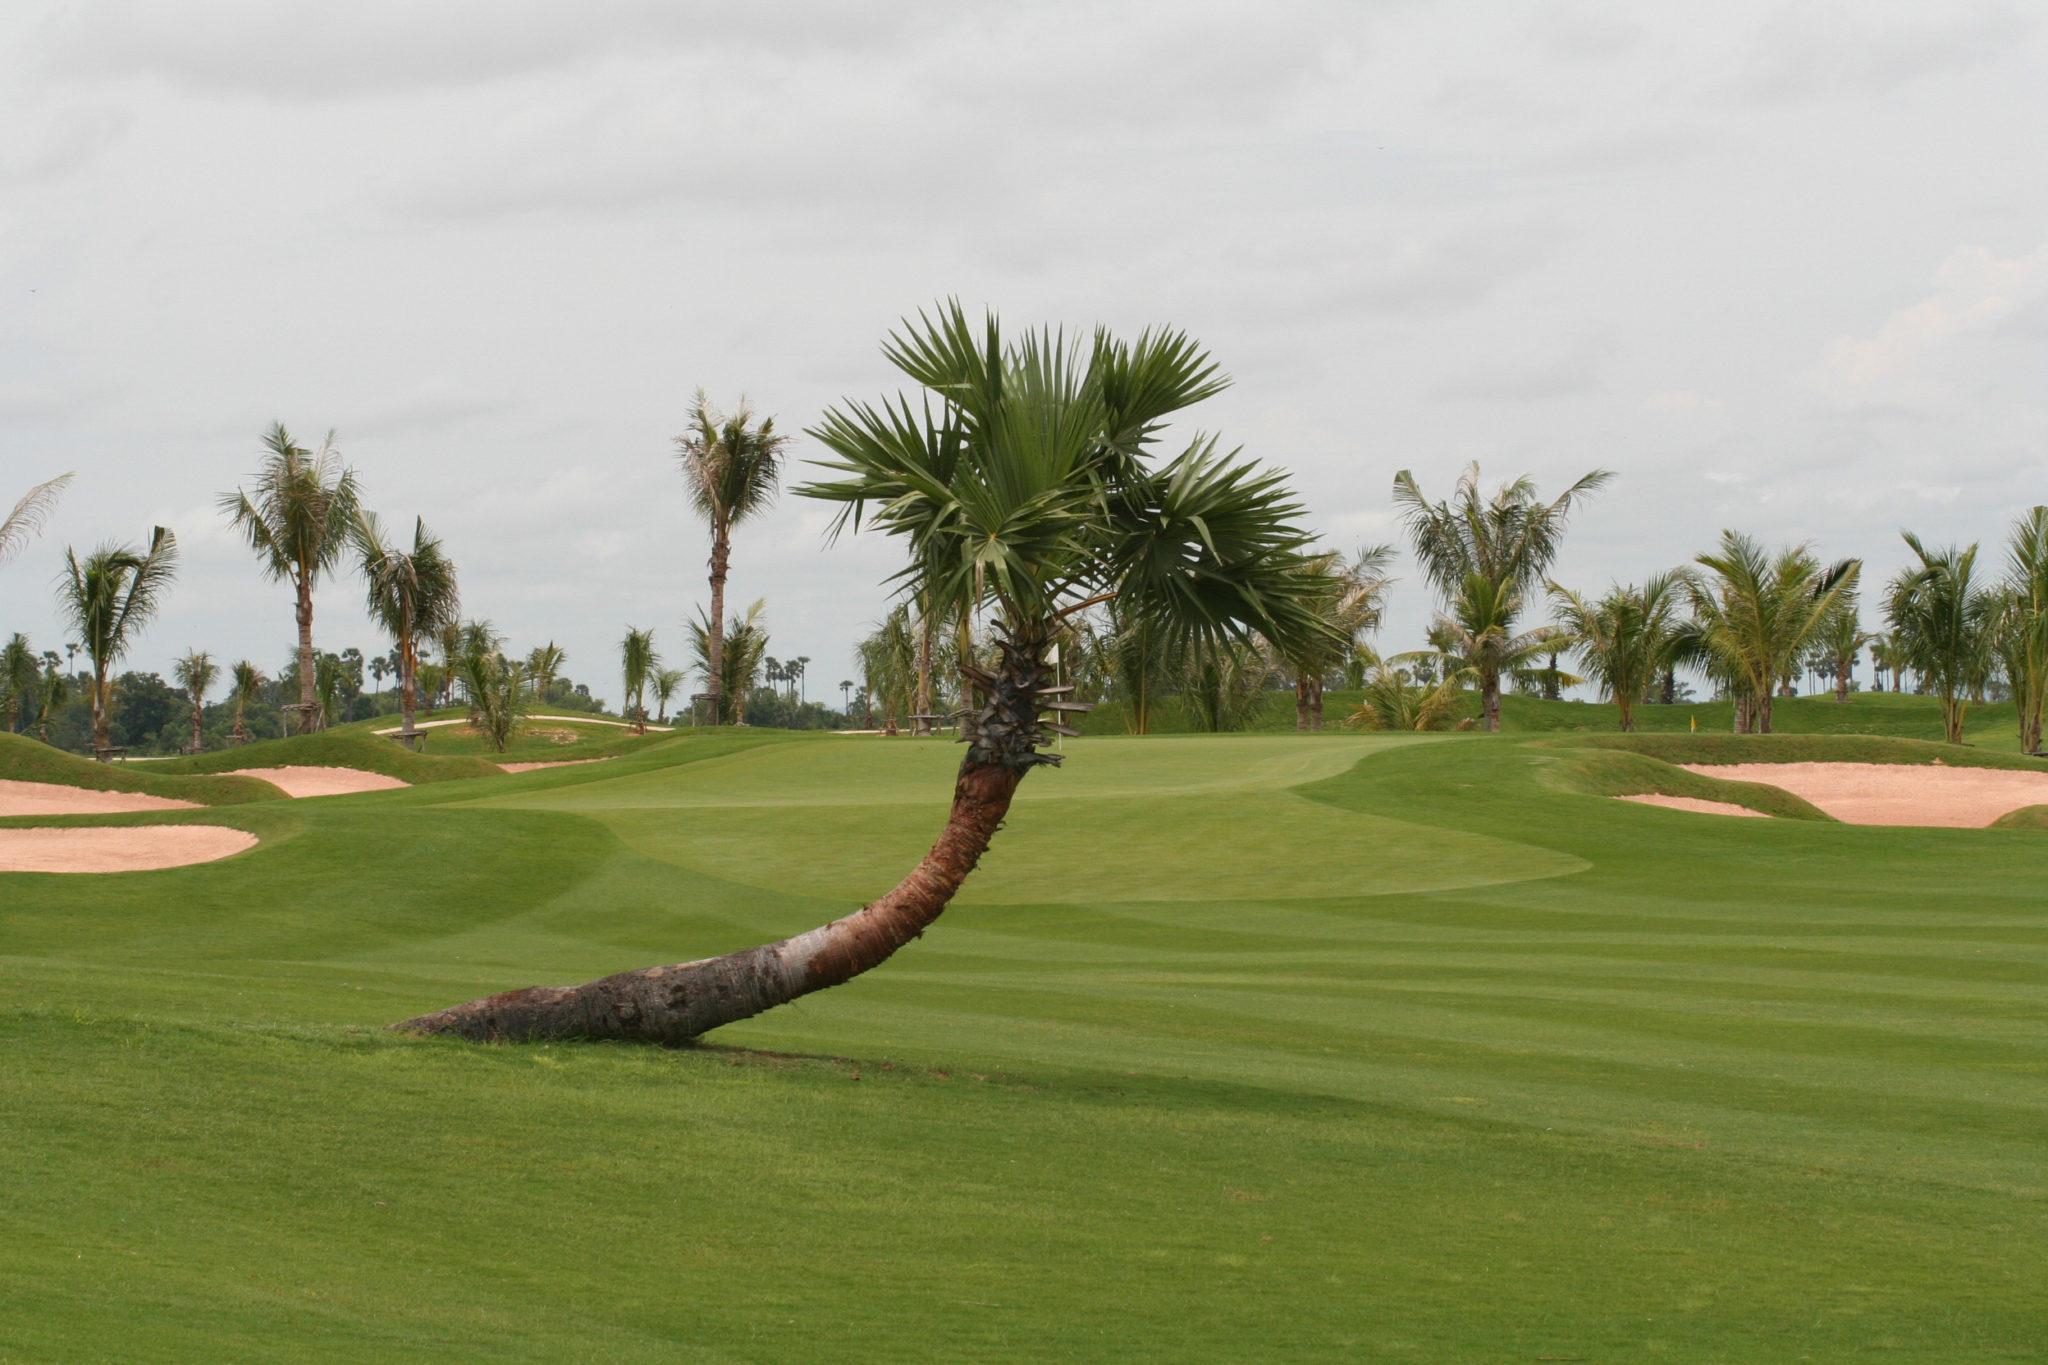 Blick auf grünen Golfkurs mit Palmen in Kambodscha